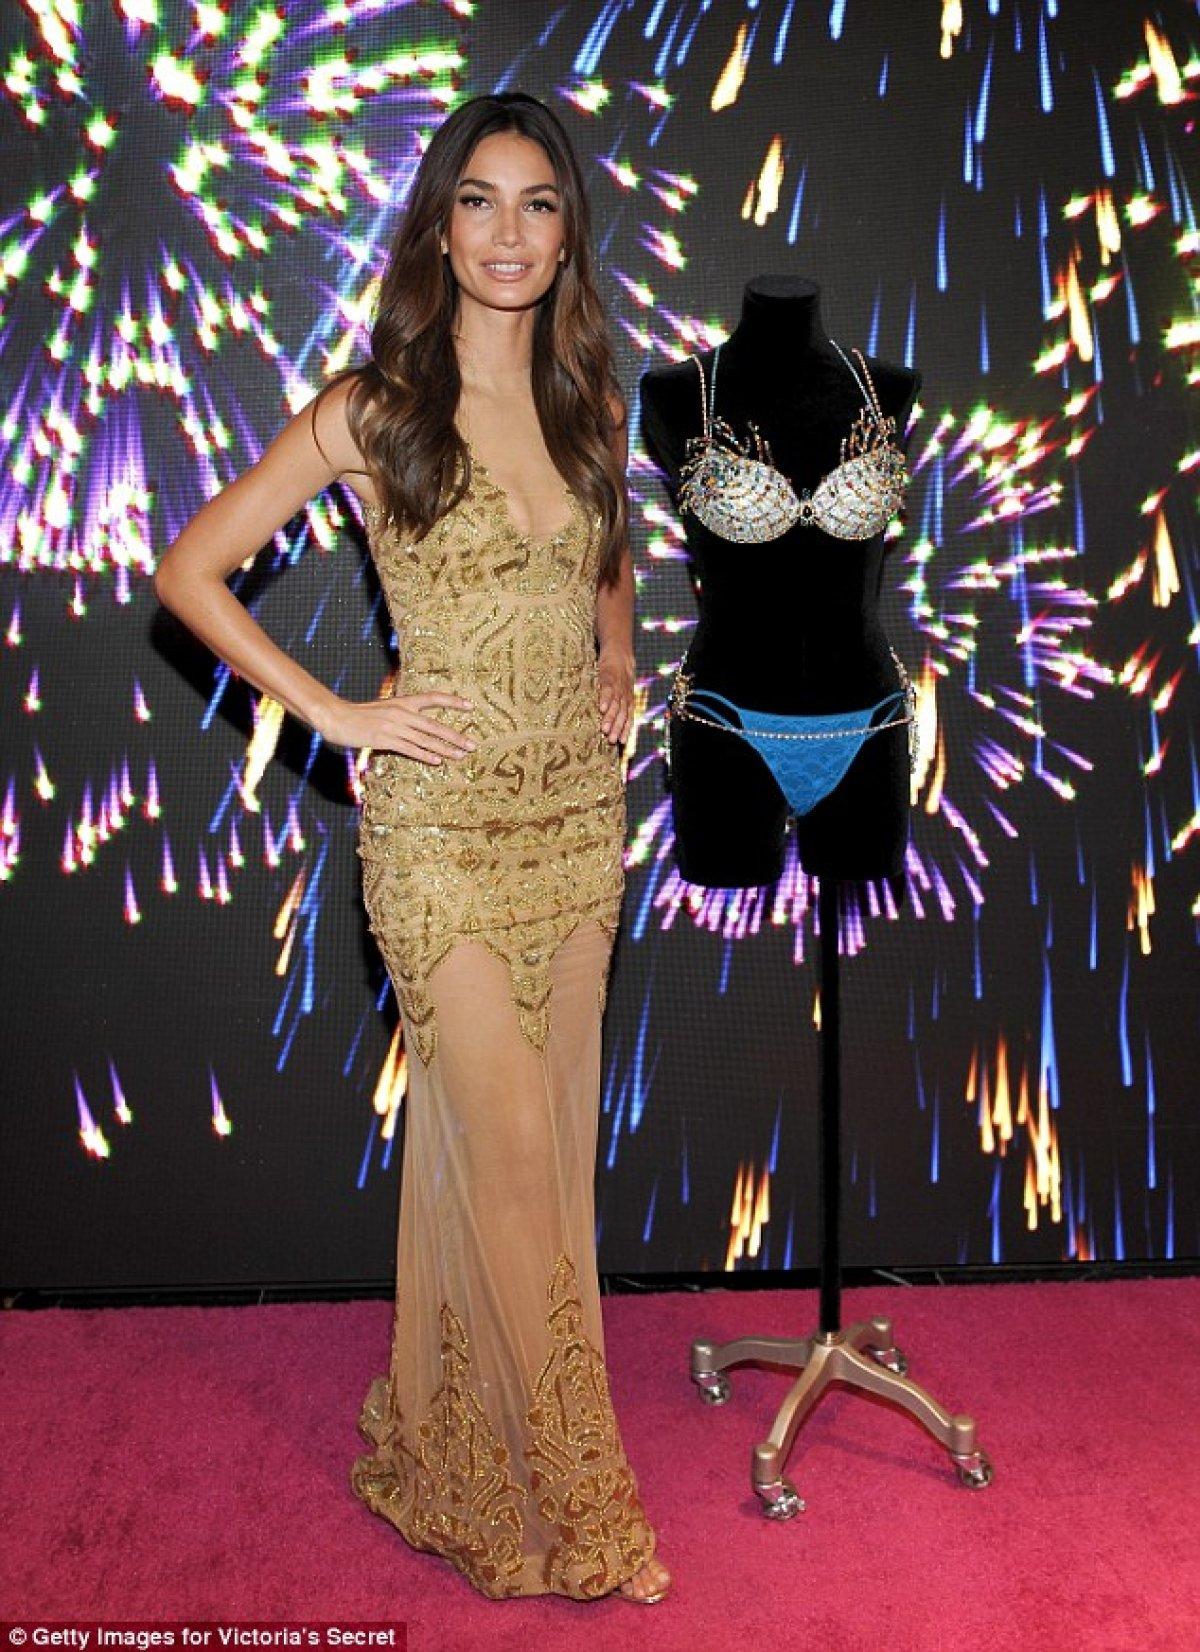 a4cb5f3fca Lily Aldridge Will Model the  2 Million Fantasy Bra at the 2015 Victoria s  Secret Fashion Show